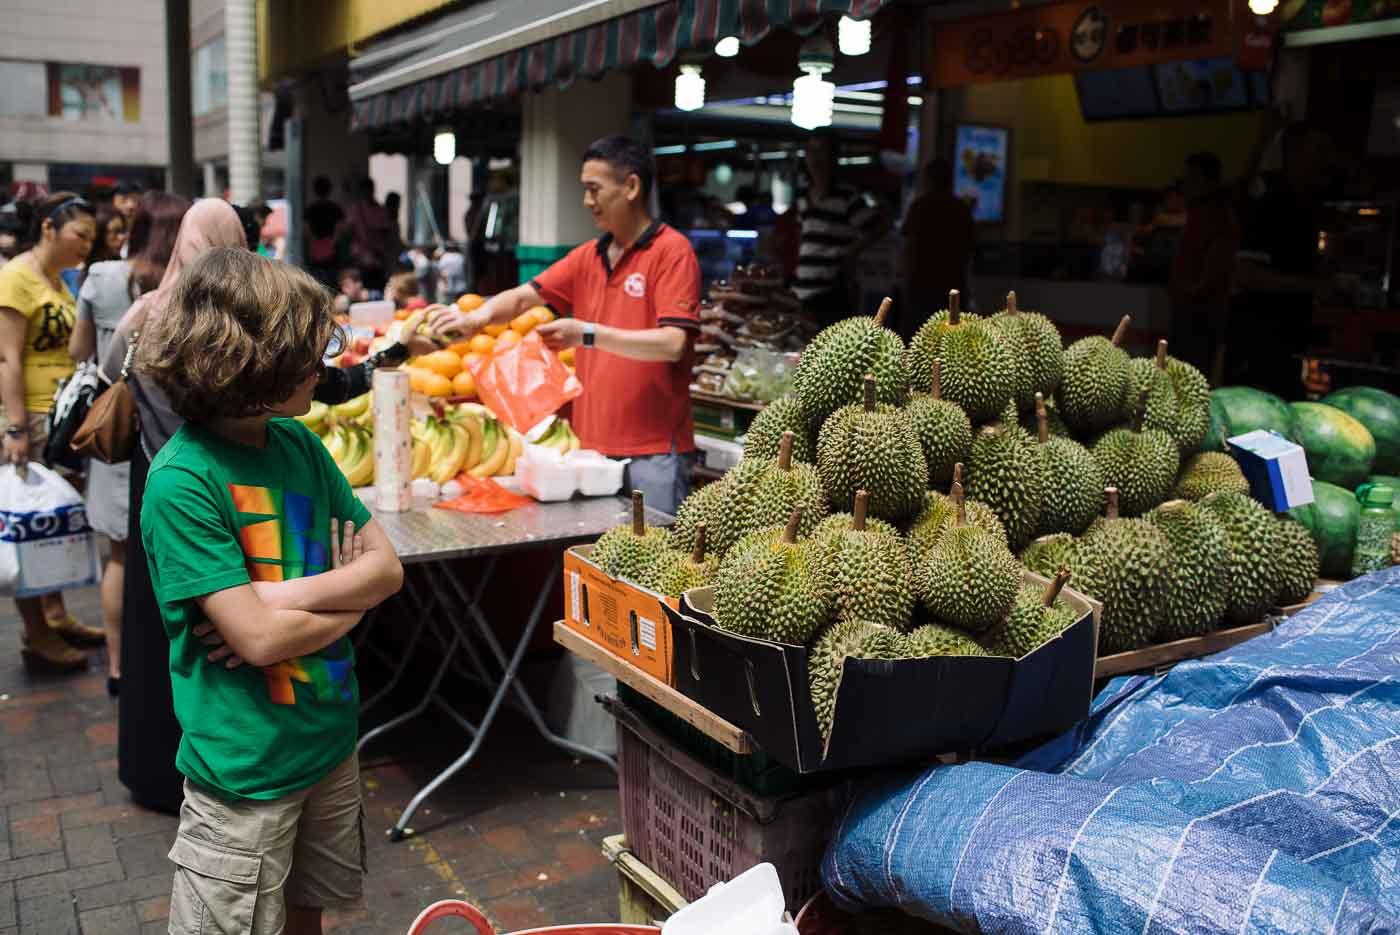 Singapur Sehenswürdigkeiten: der Markt